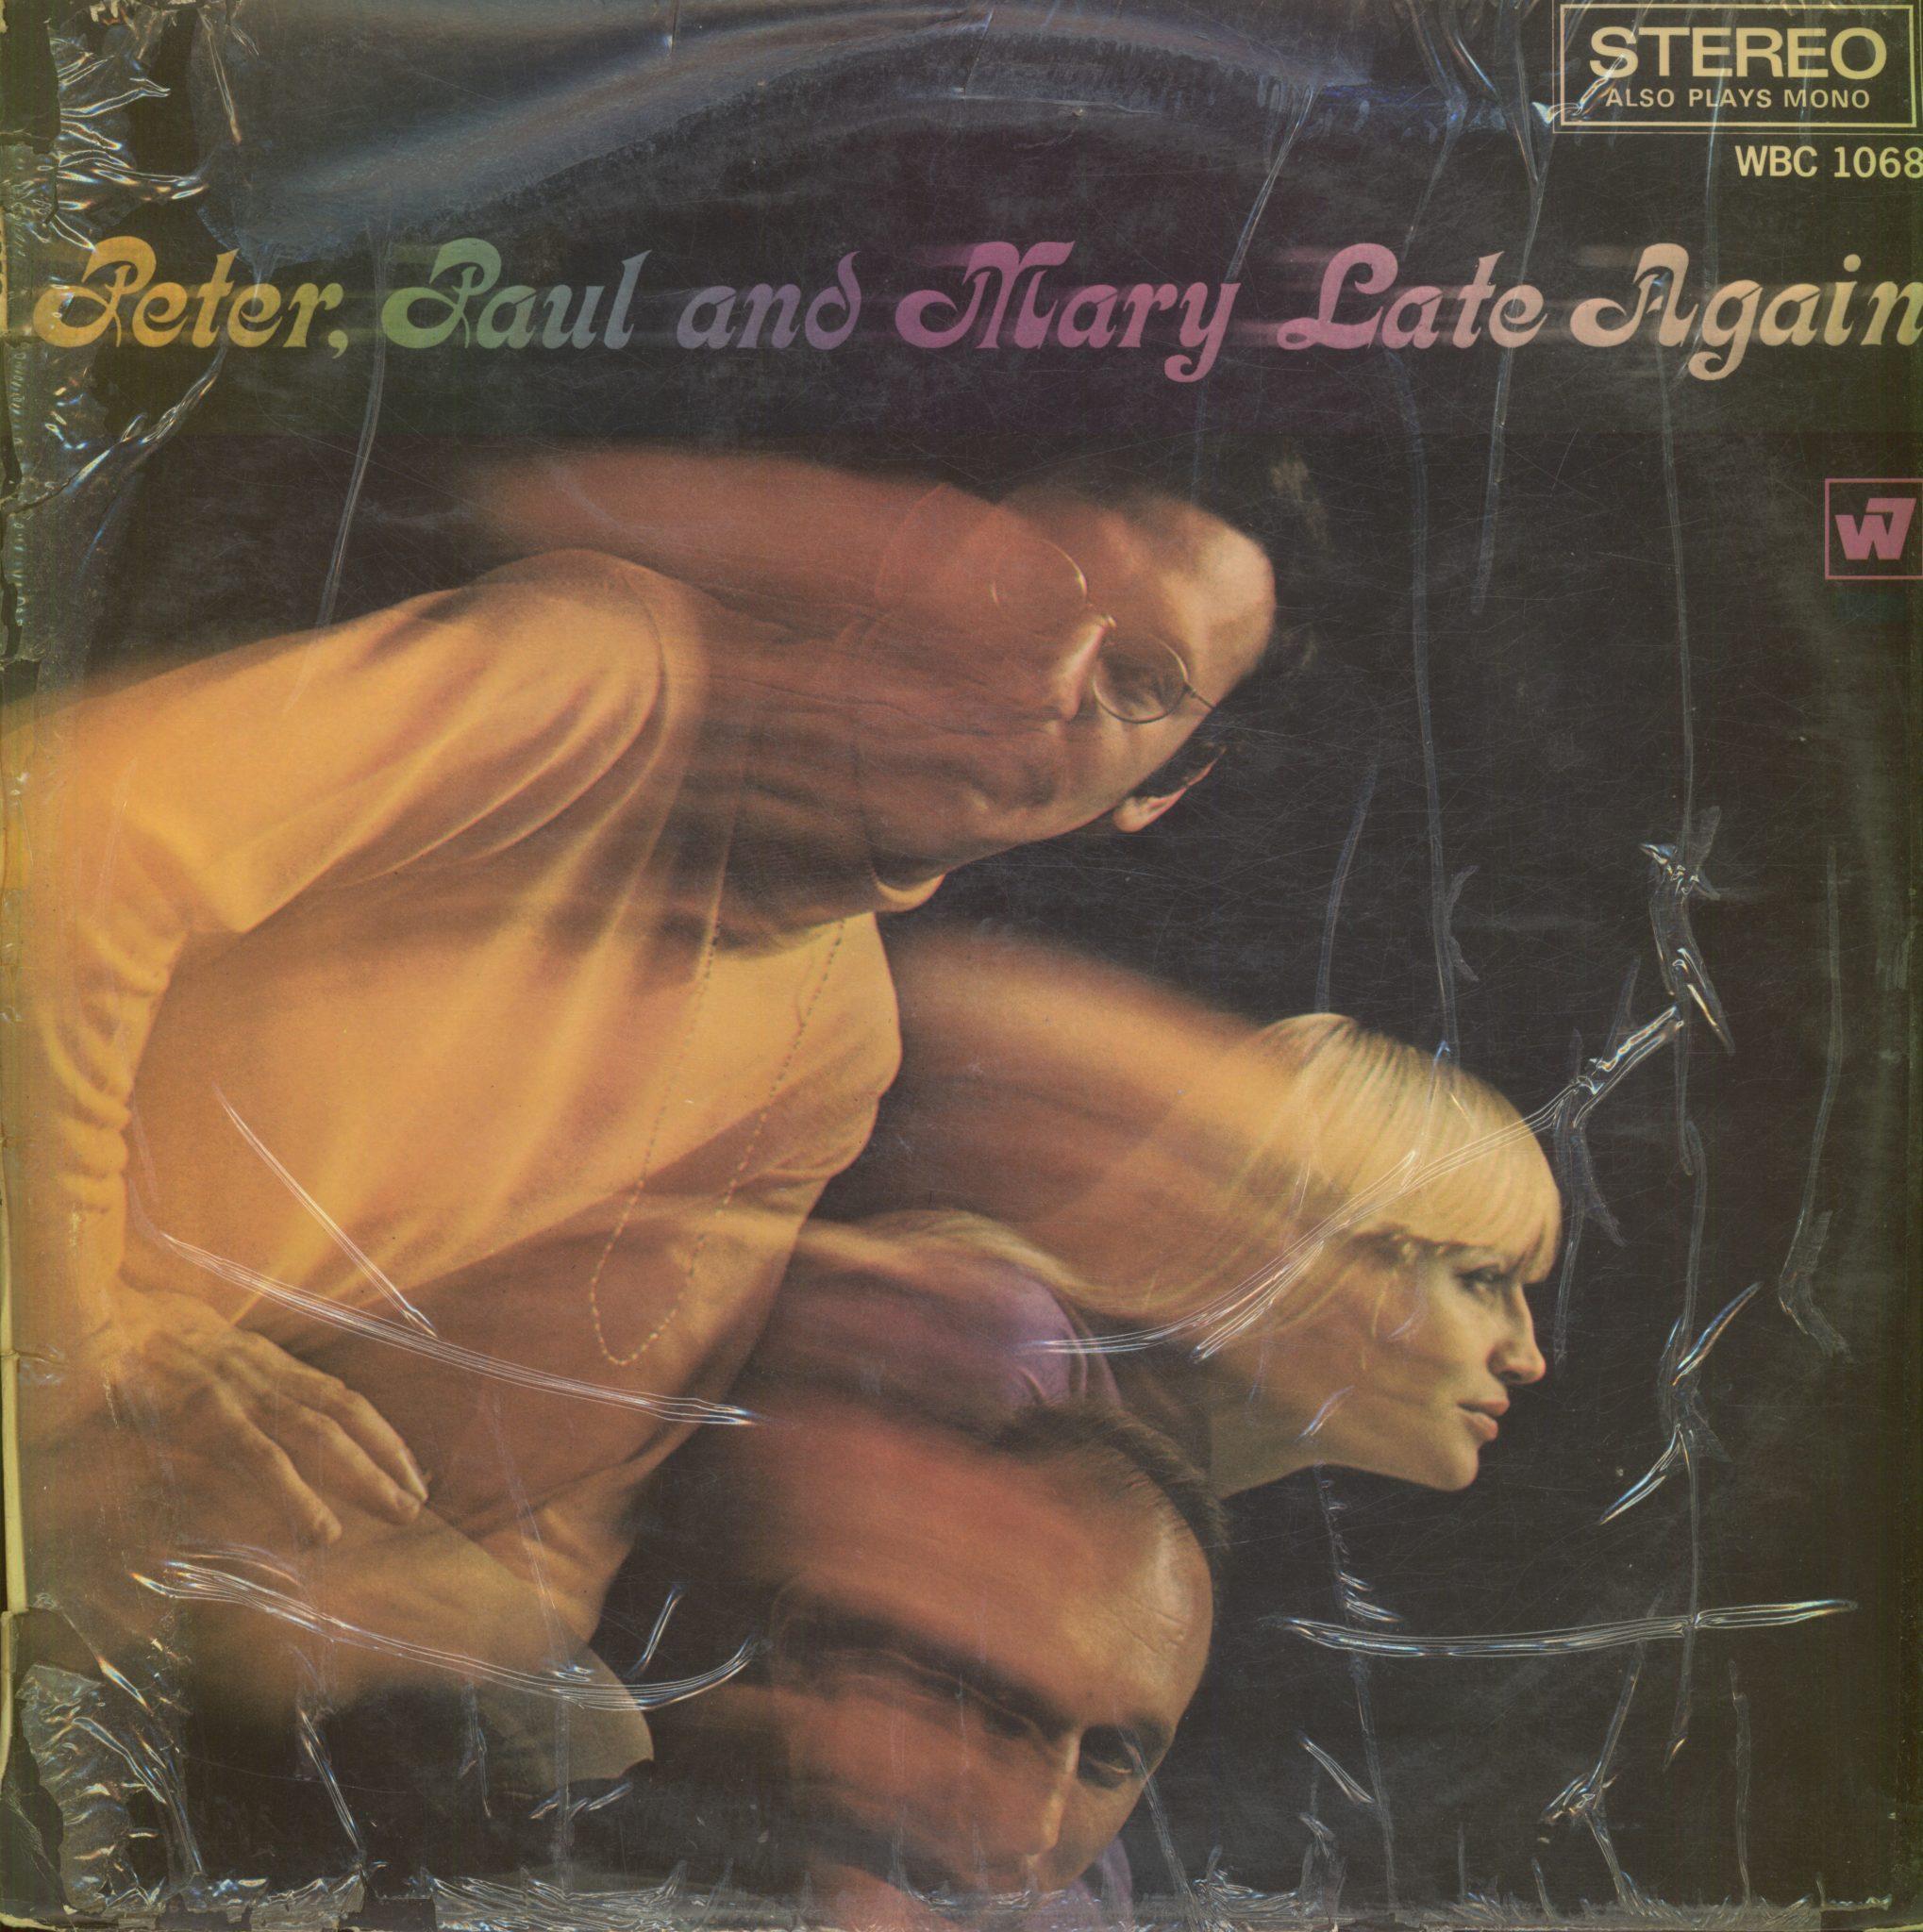 Gramofonska ploča Peter, Paul & Mary Late Again WBC 1068